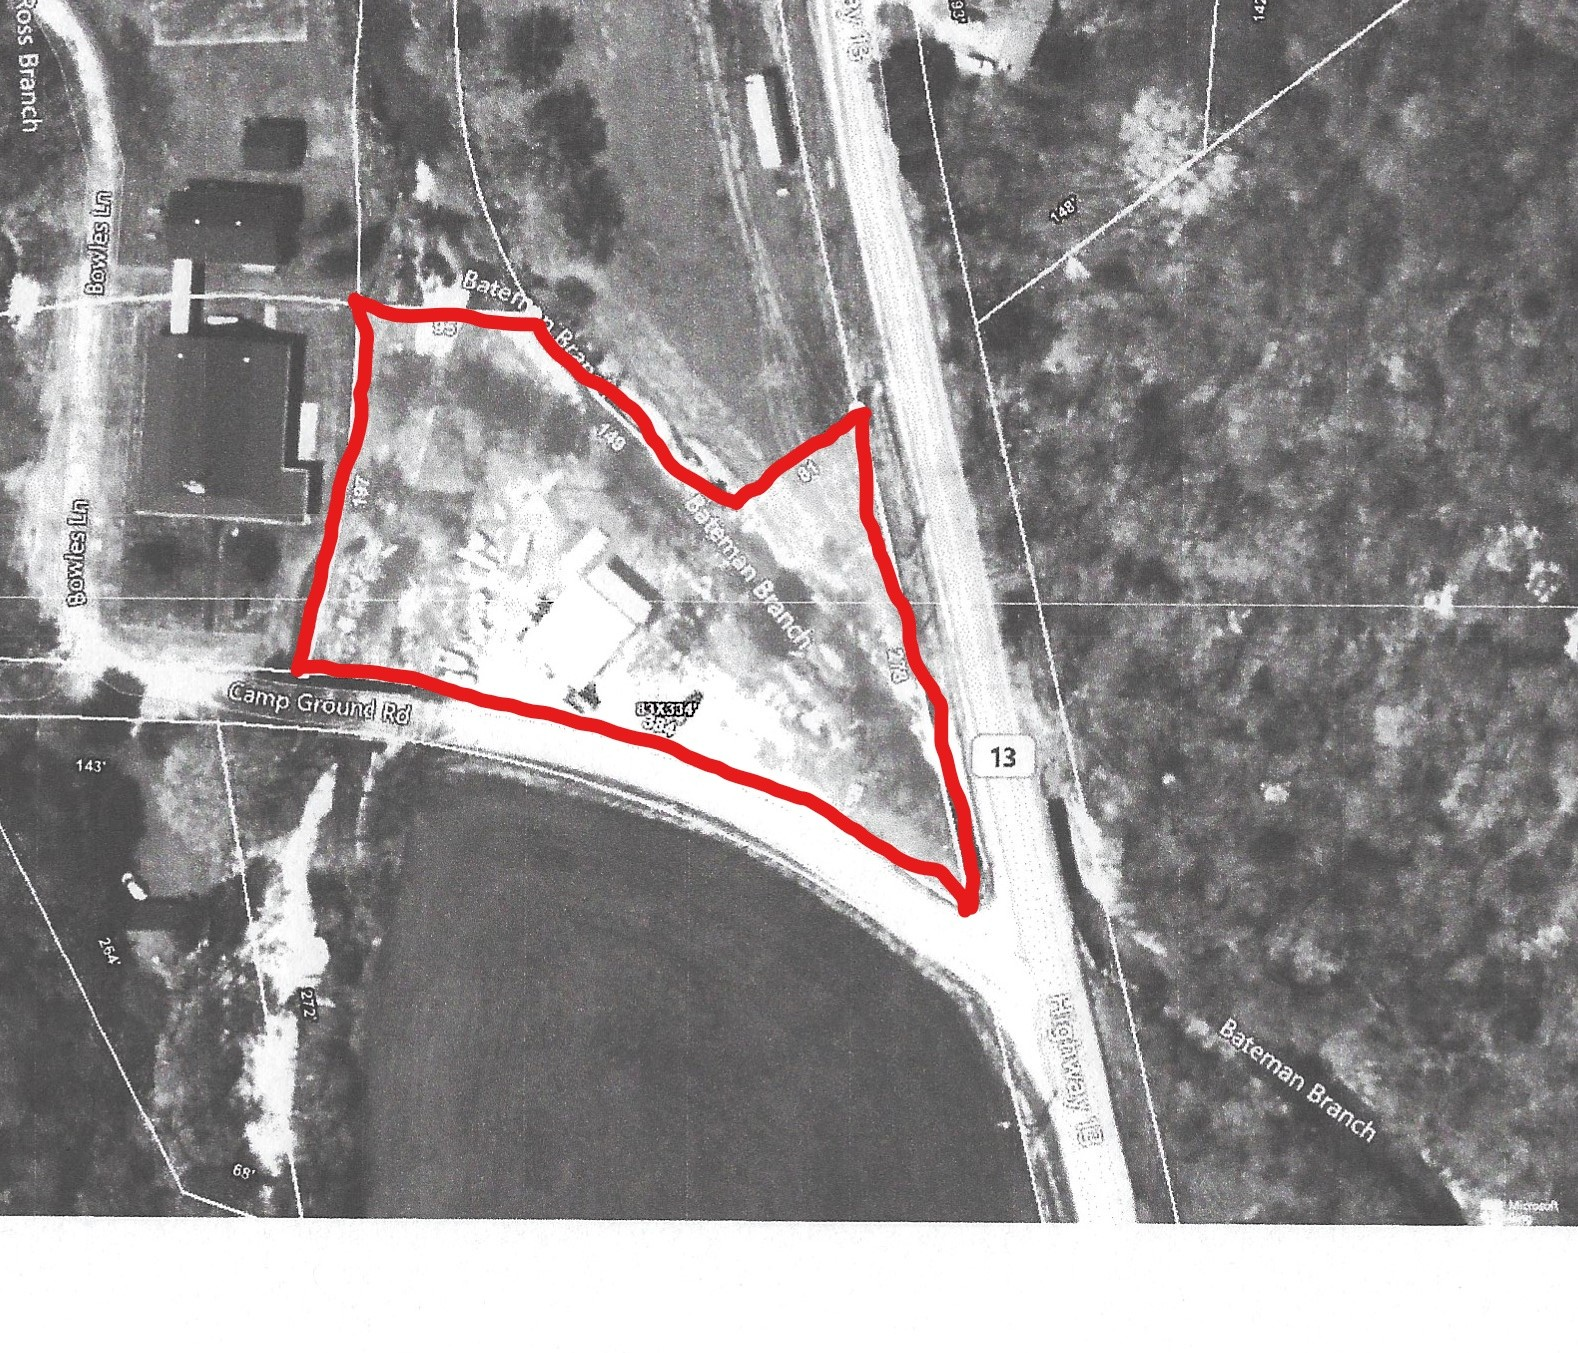 54 Camp Ground Rd, Erin, TN 37061